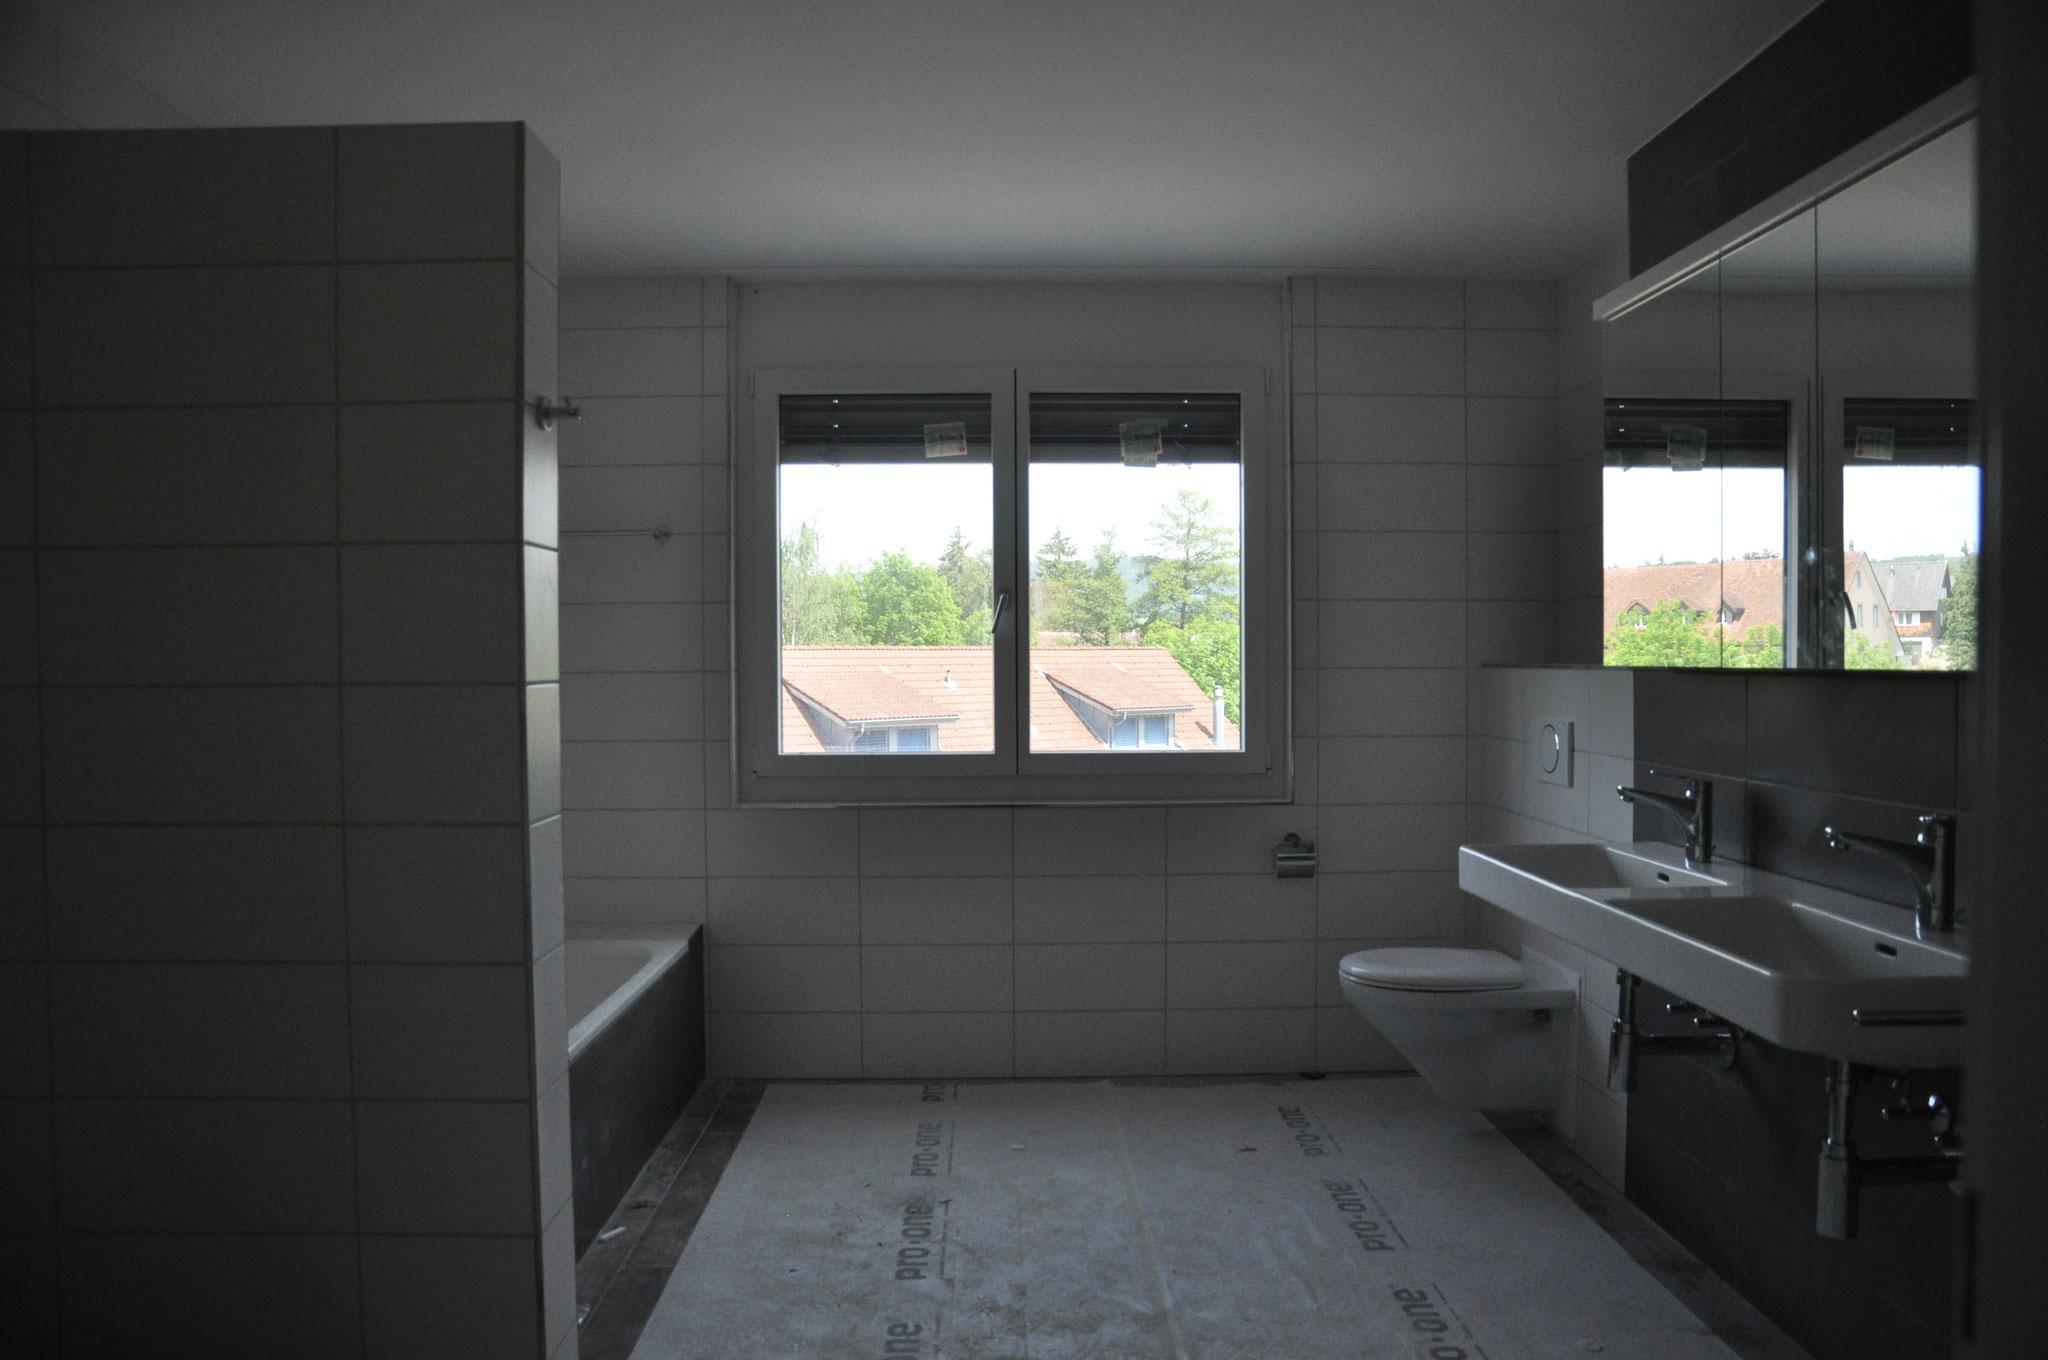 4,5 Zimmer Wohnung Einheit B: das grosse Badezimmer hat Wohnraum-Format! Ende Mai 2016